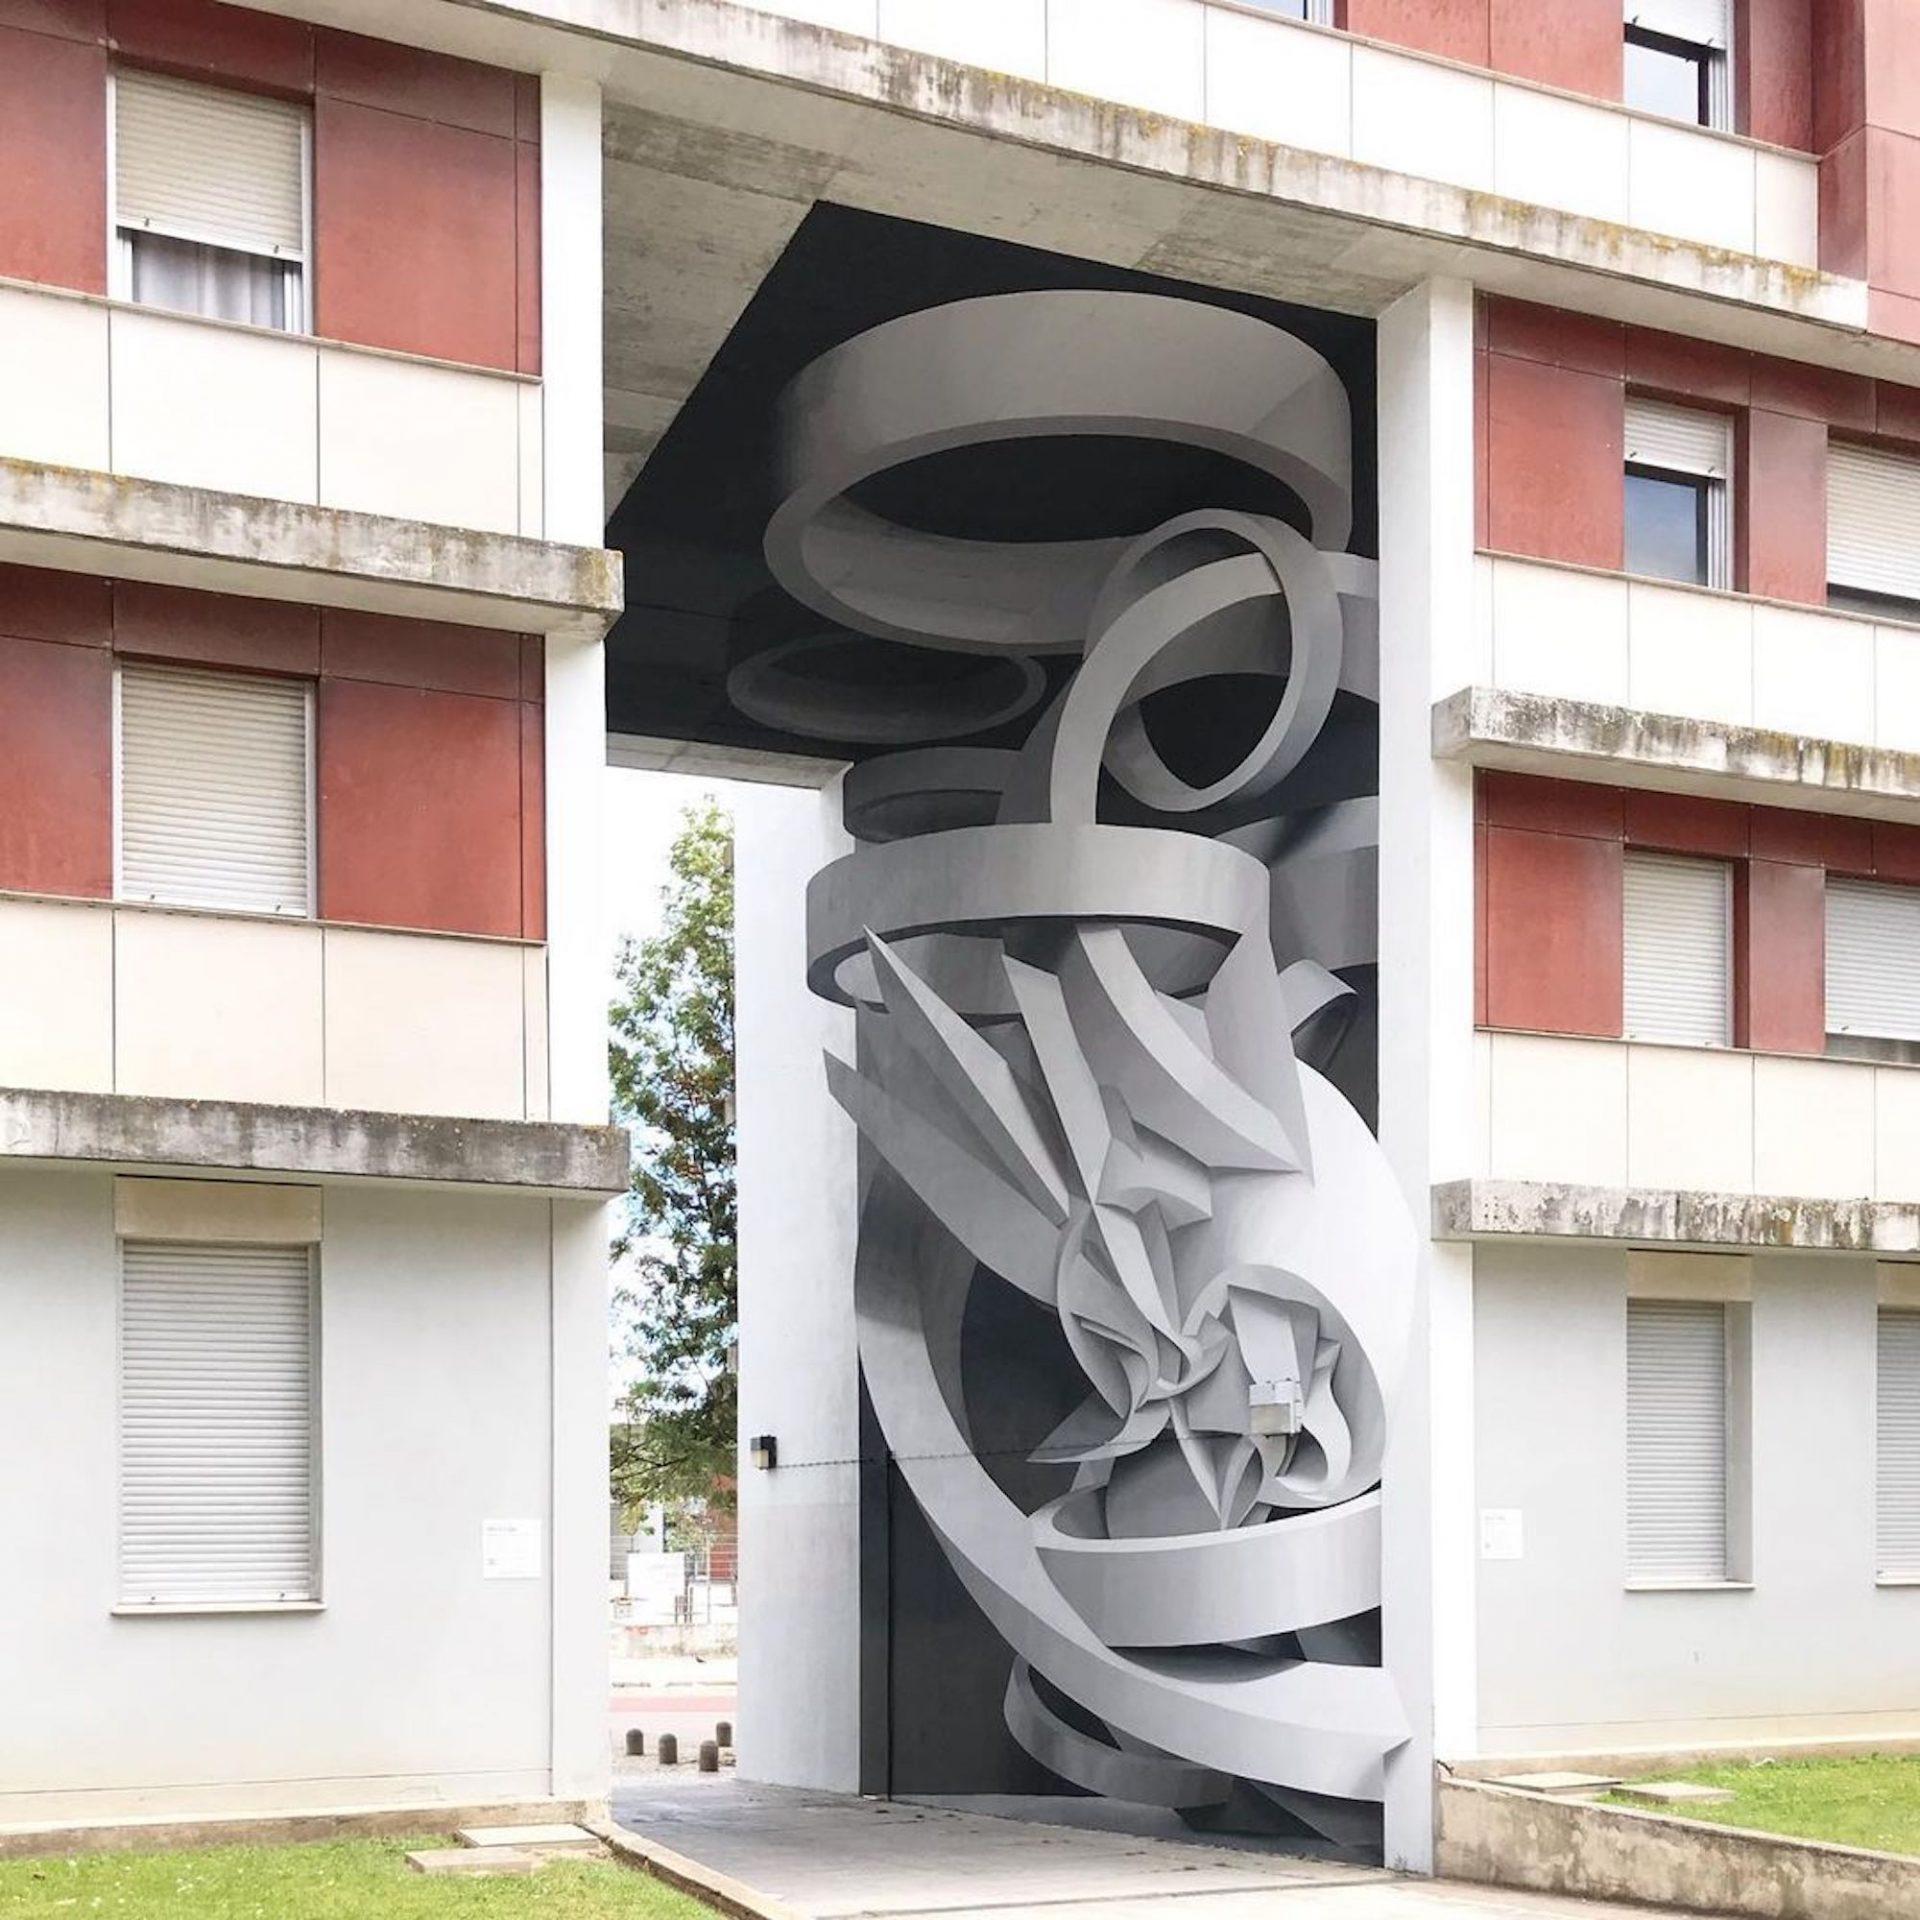 L'artiste Peeta peint d'incroyables illusions d'optique sur les murs